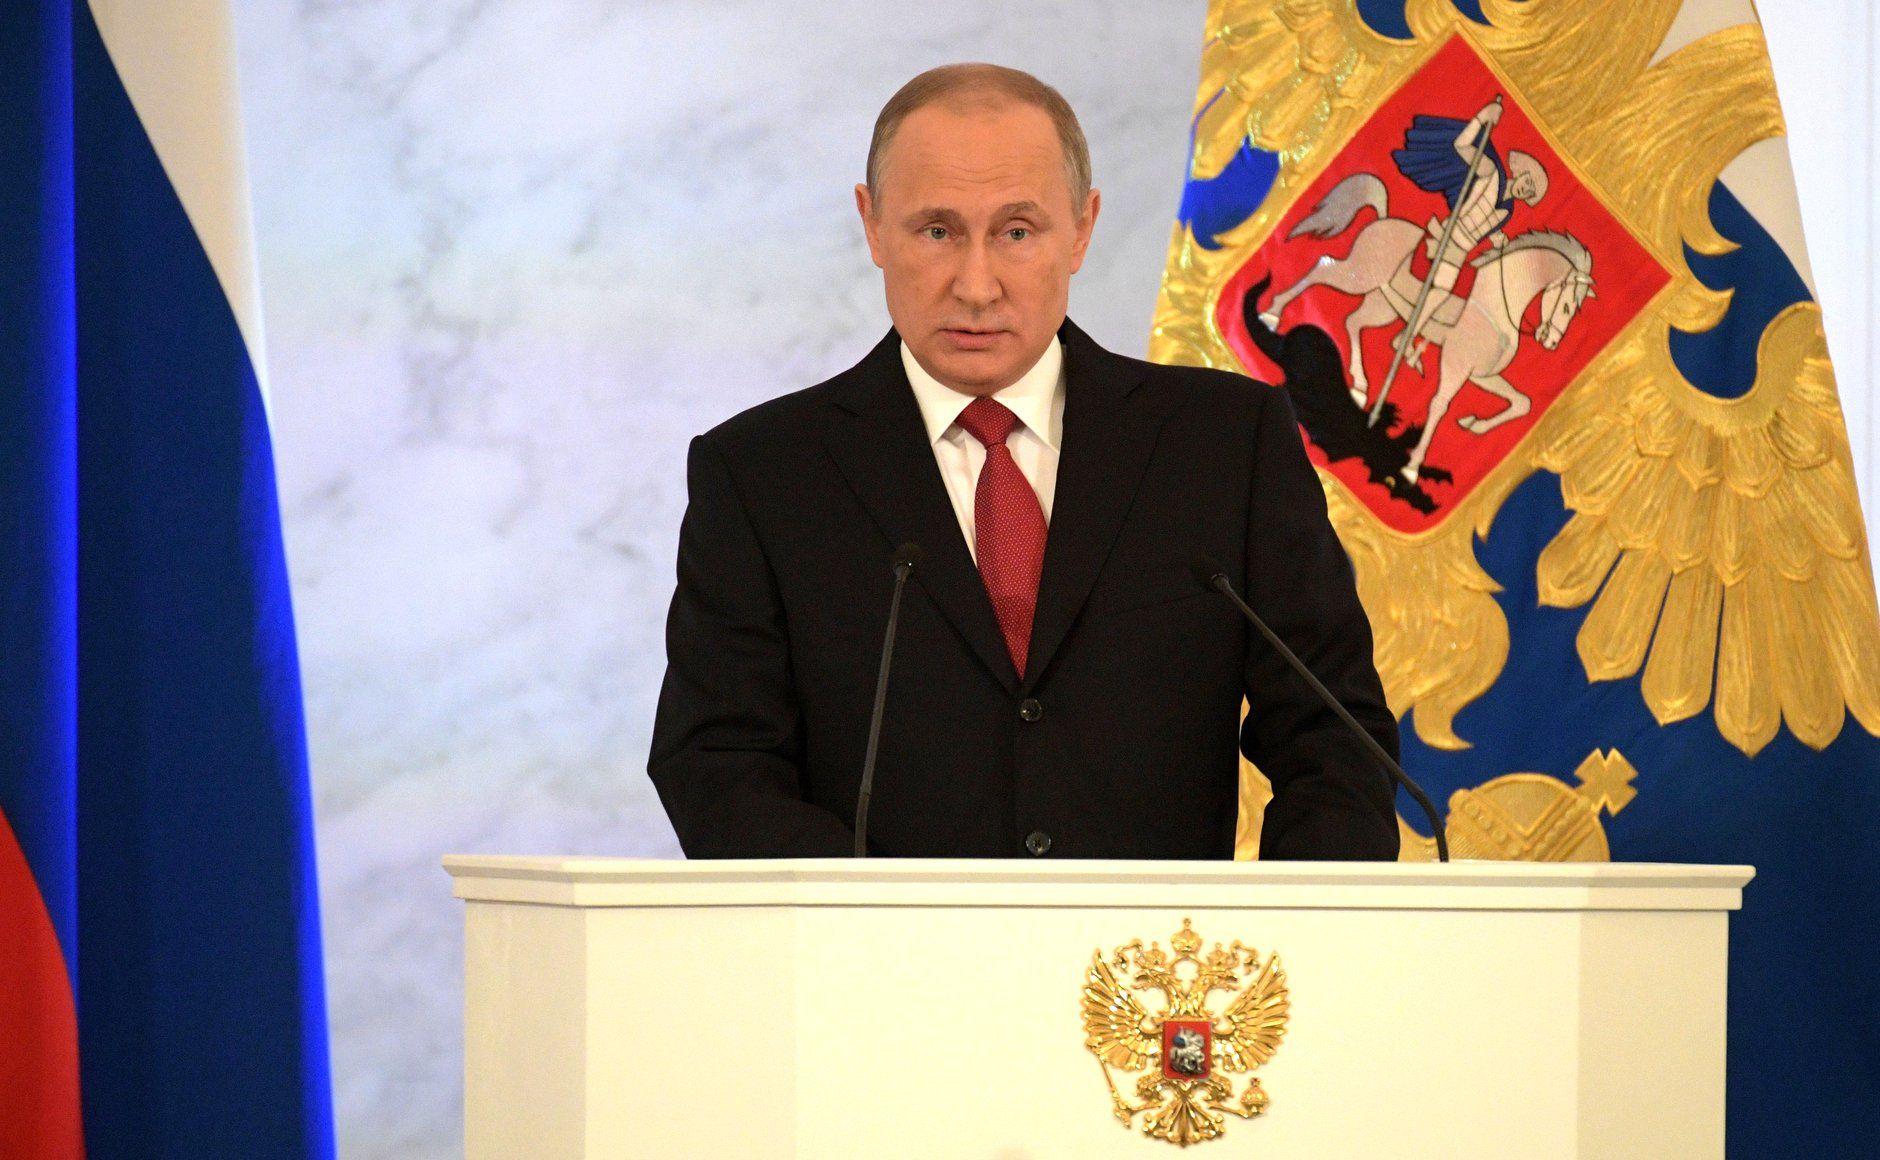 Эксперт полает, что Владимир Путин хотел бы уйти с Донбасса на приемлемых для себя условиях